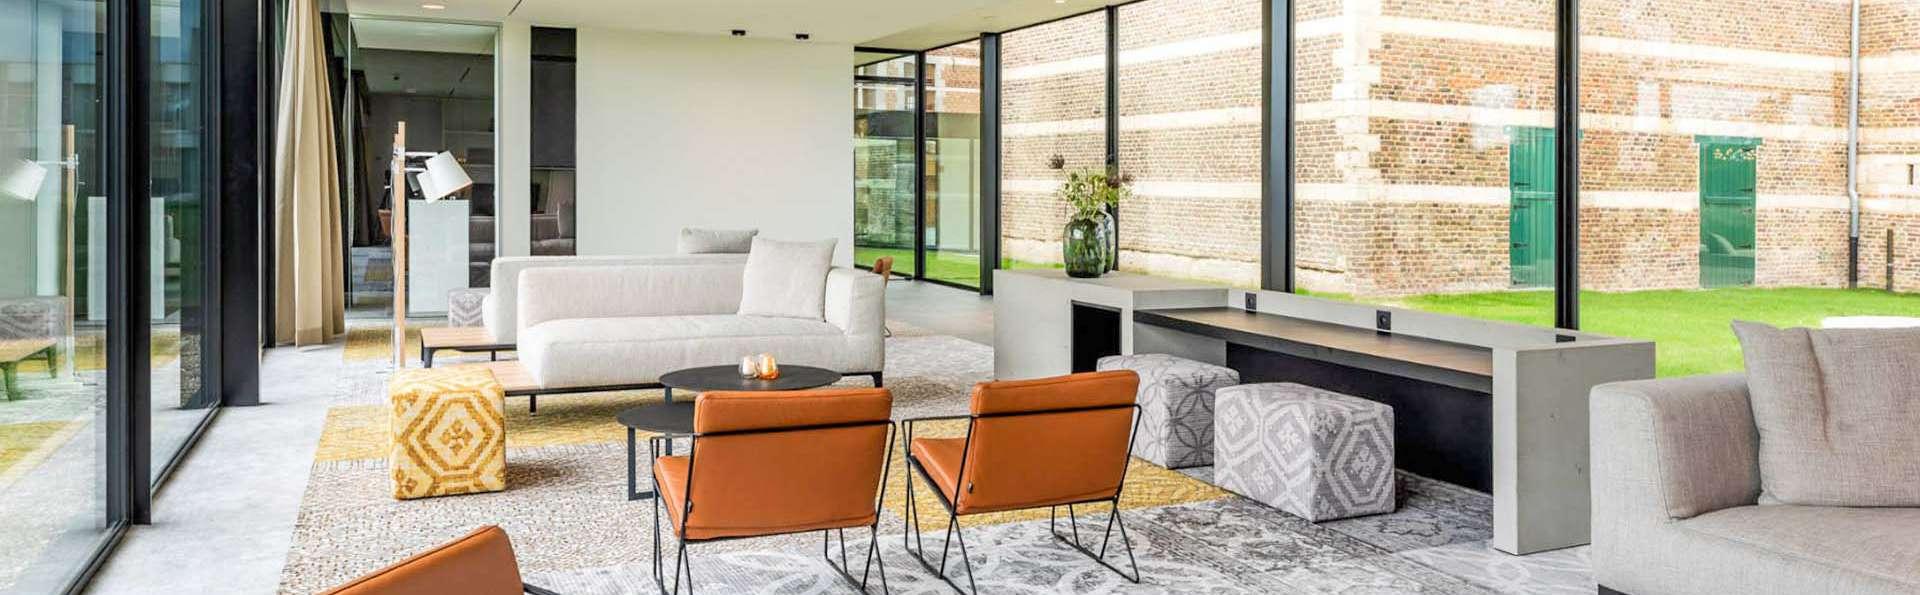 Gezellige sferen in Bilzen en verblijf in een modern stijlvol hotel